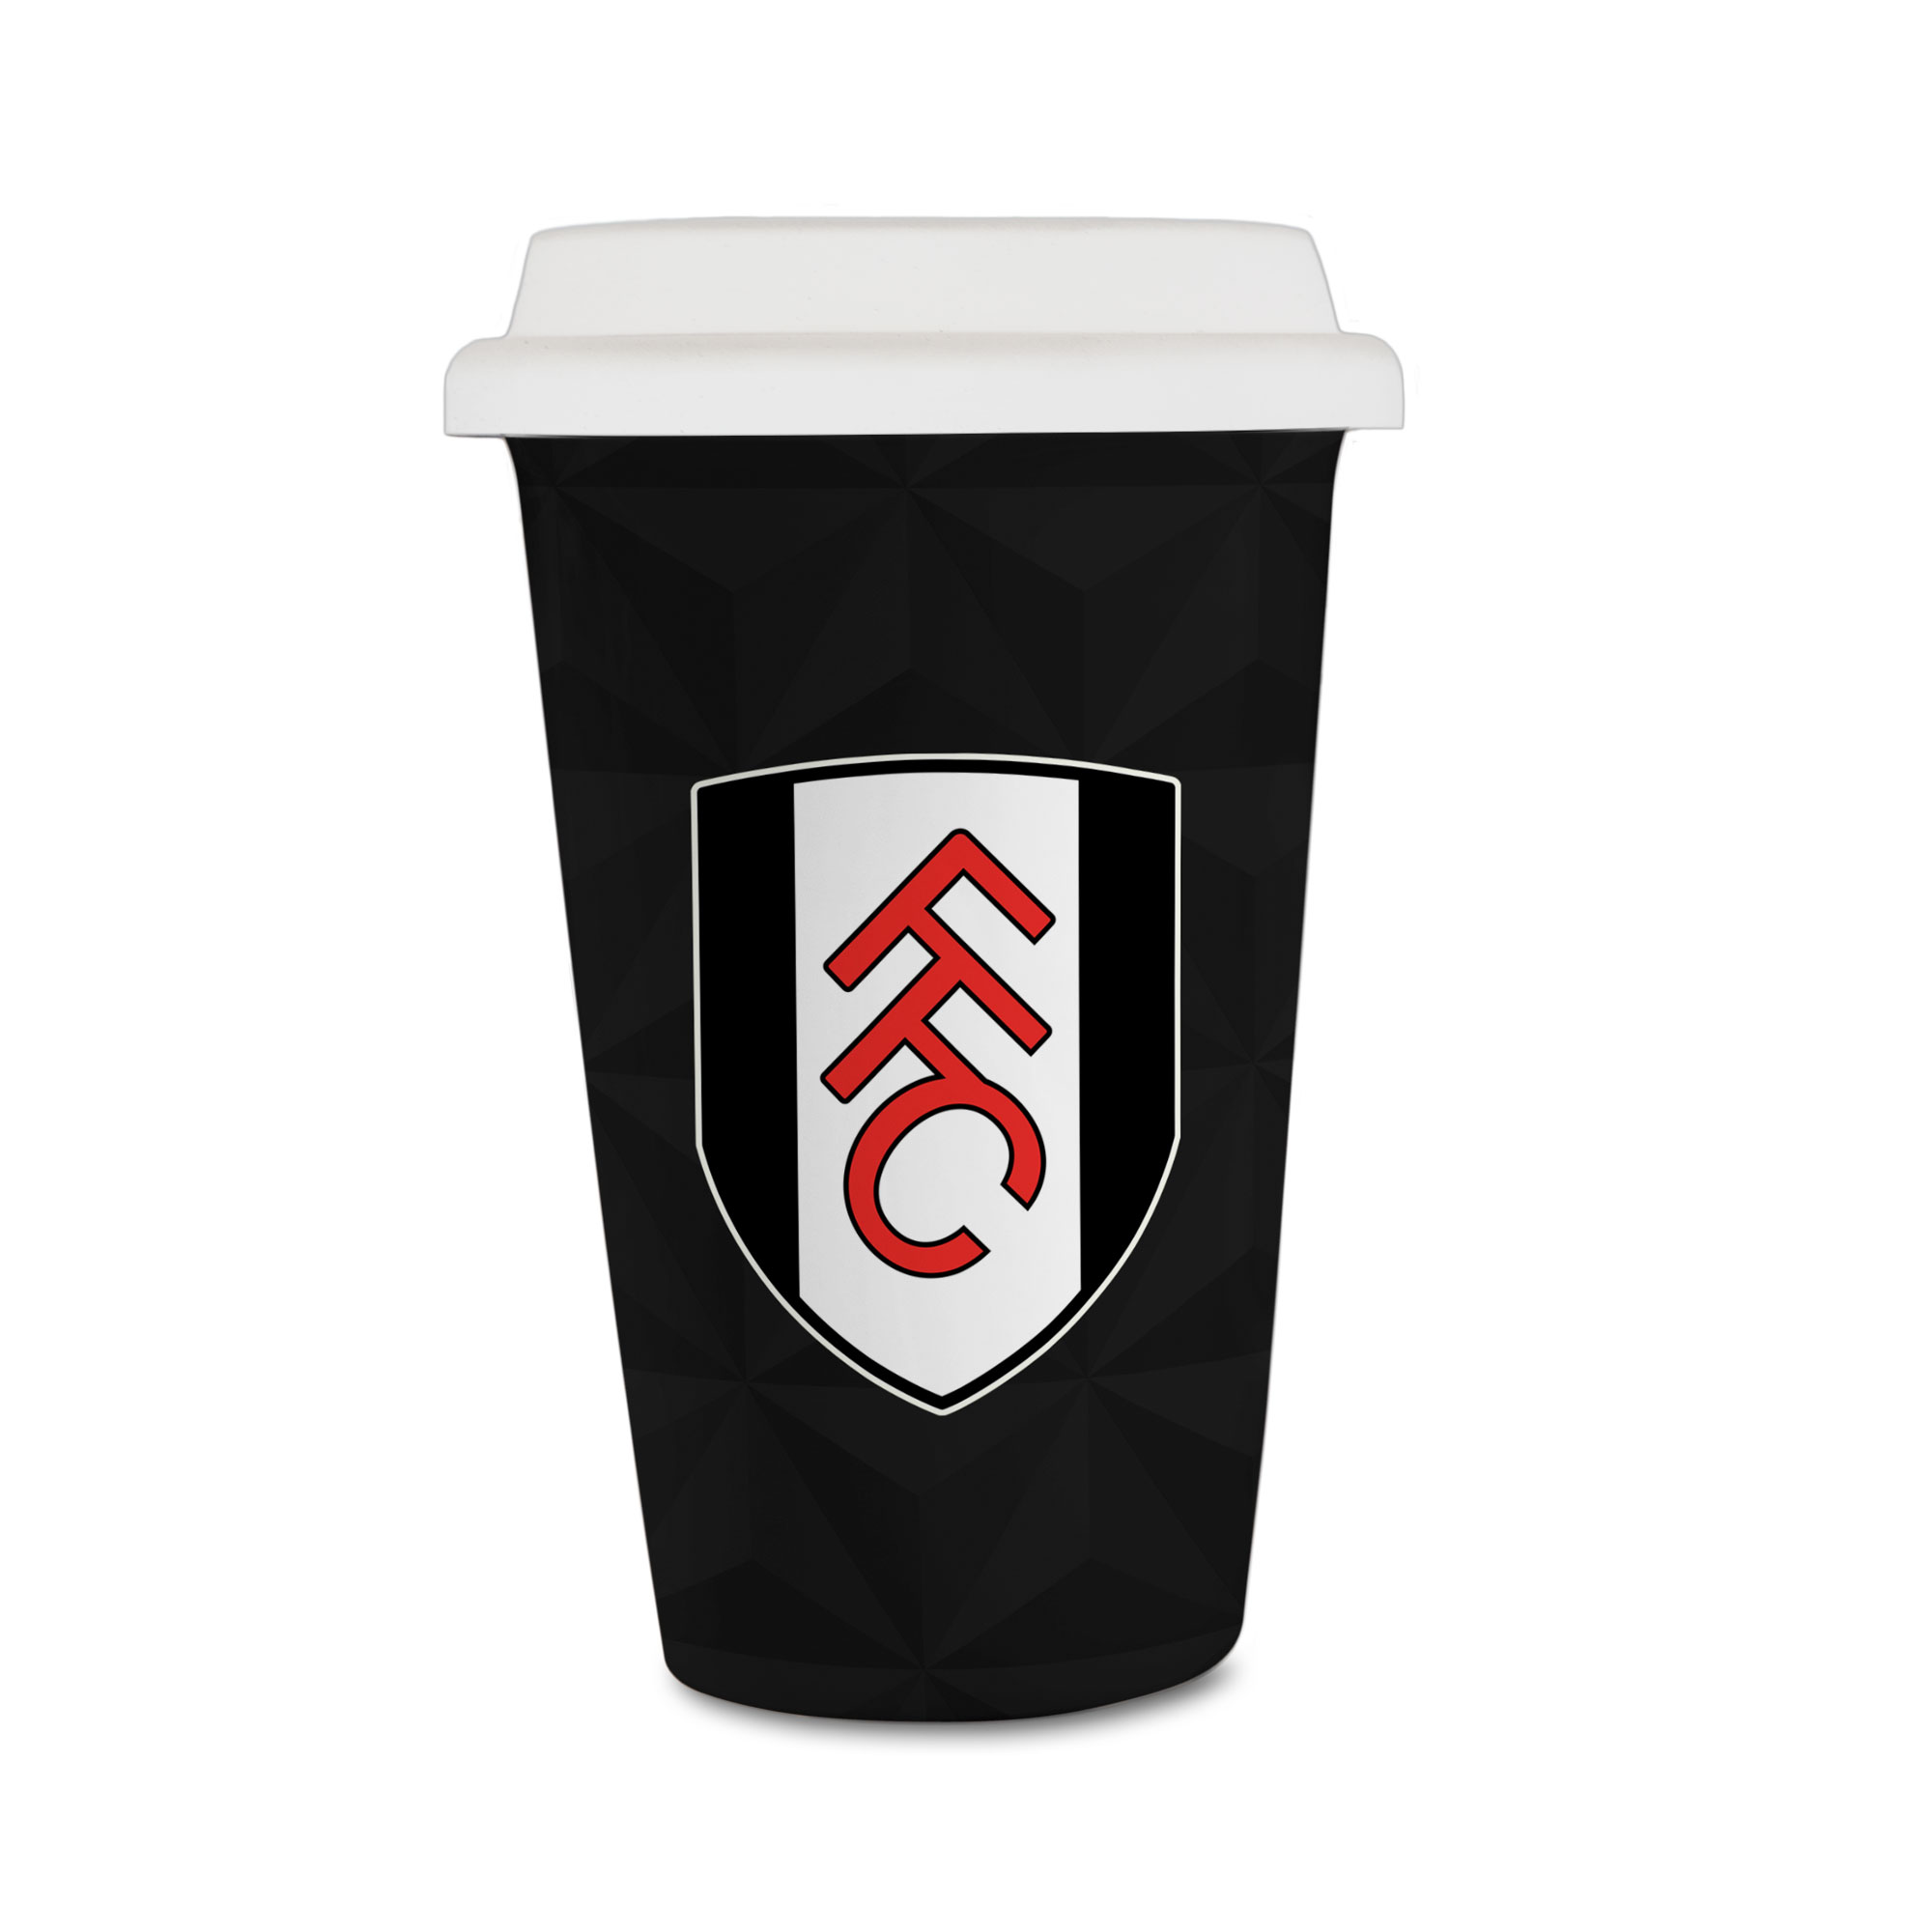 Fulham FC Crest Reusable Cup